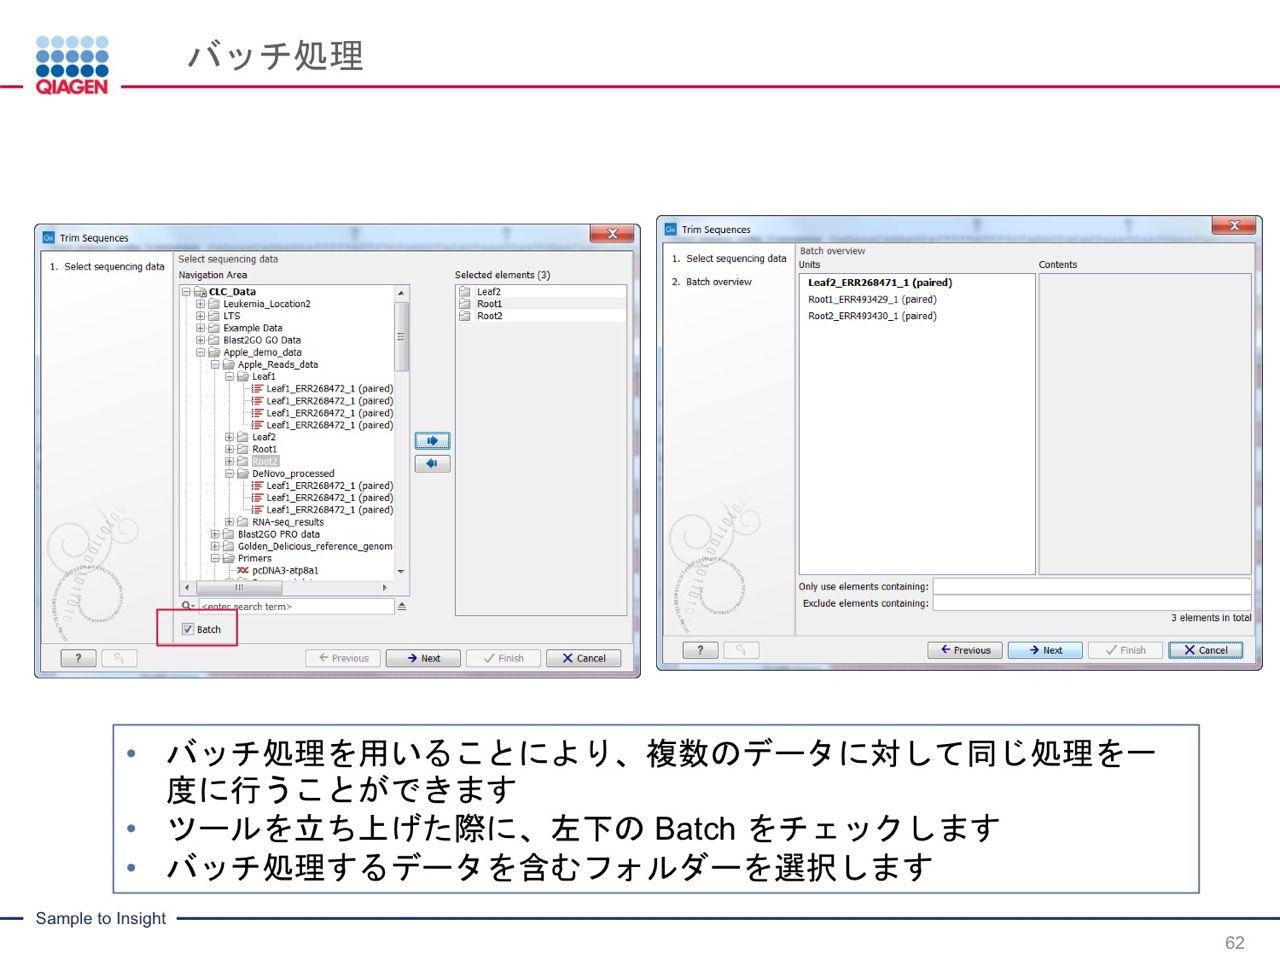 images/AJACSa2_miyamoto_062.jpg